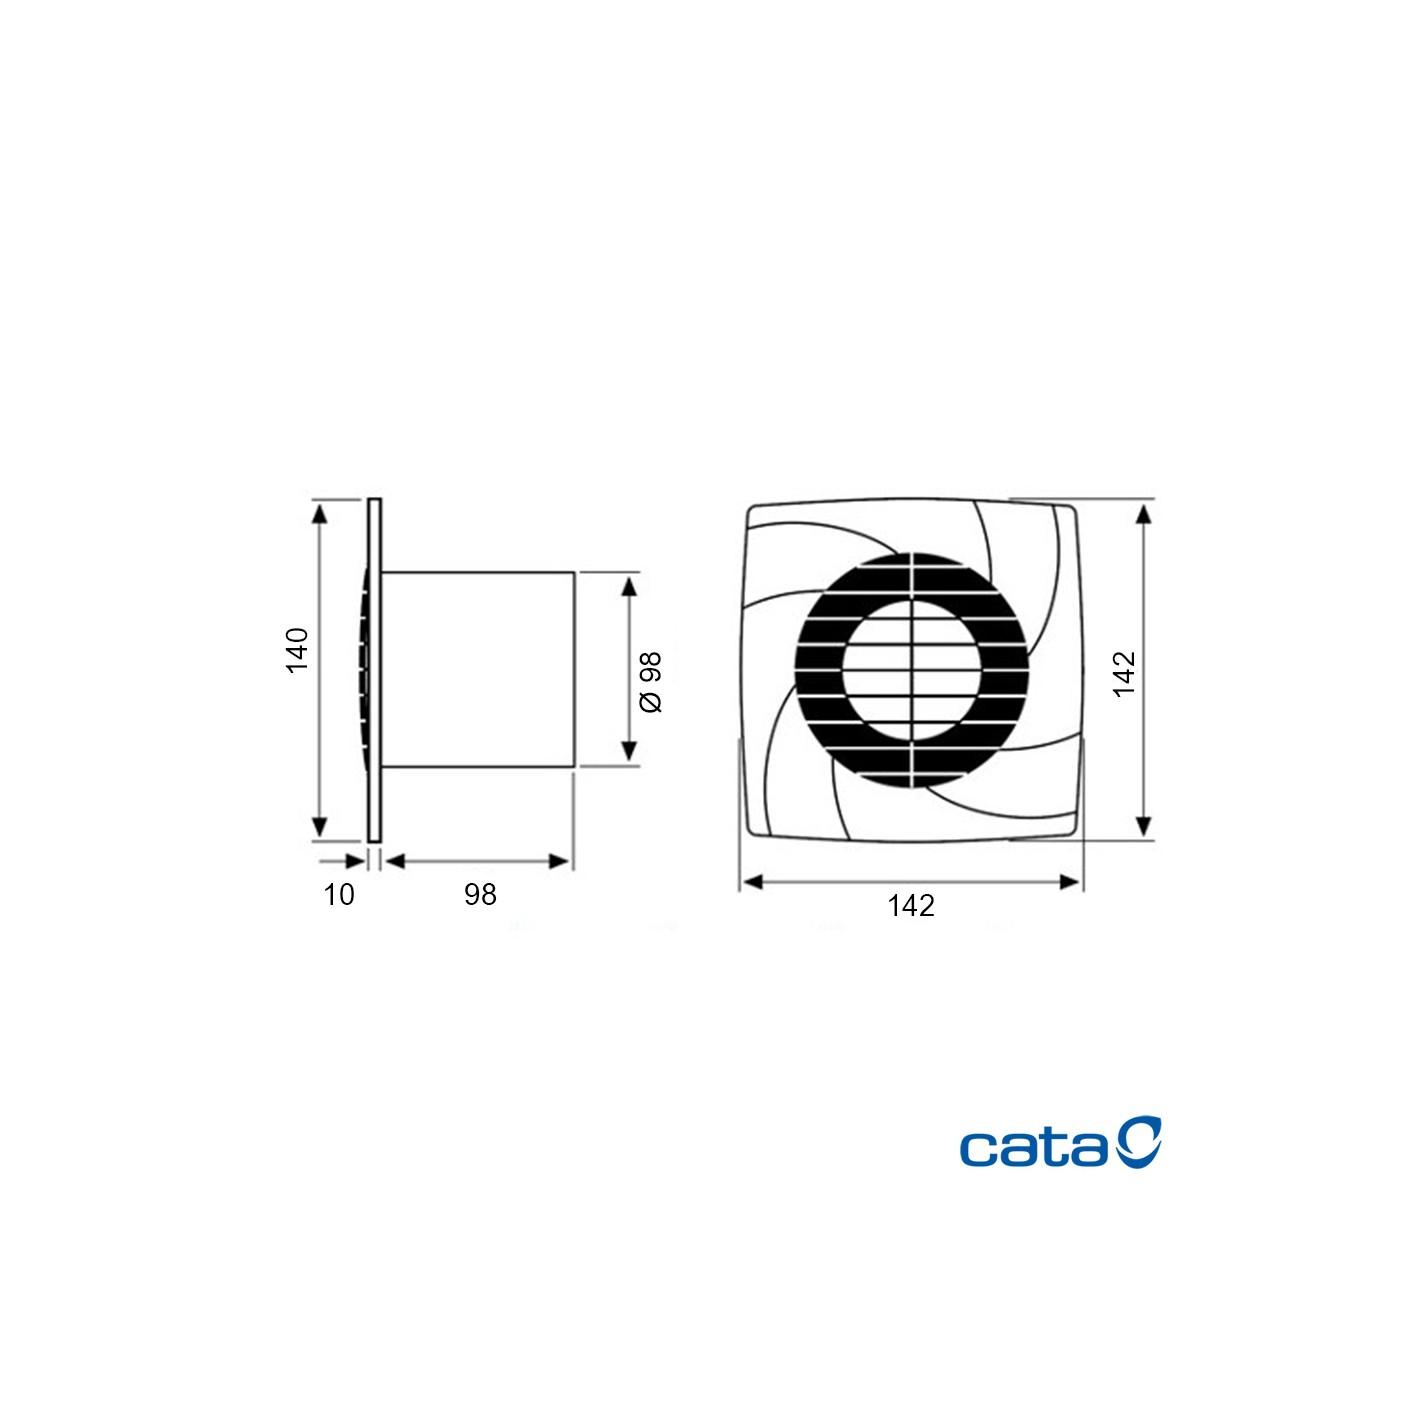 Extractor De Baño A Pilas:CLIMATIZACIÓN > Extractores de baño > Extractor de baño Cata B10